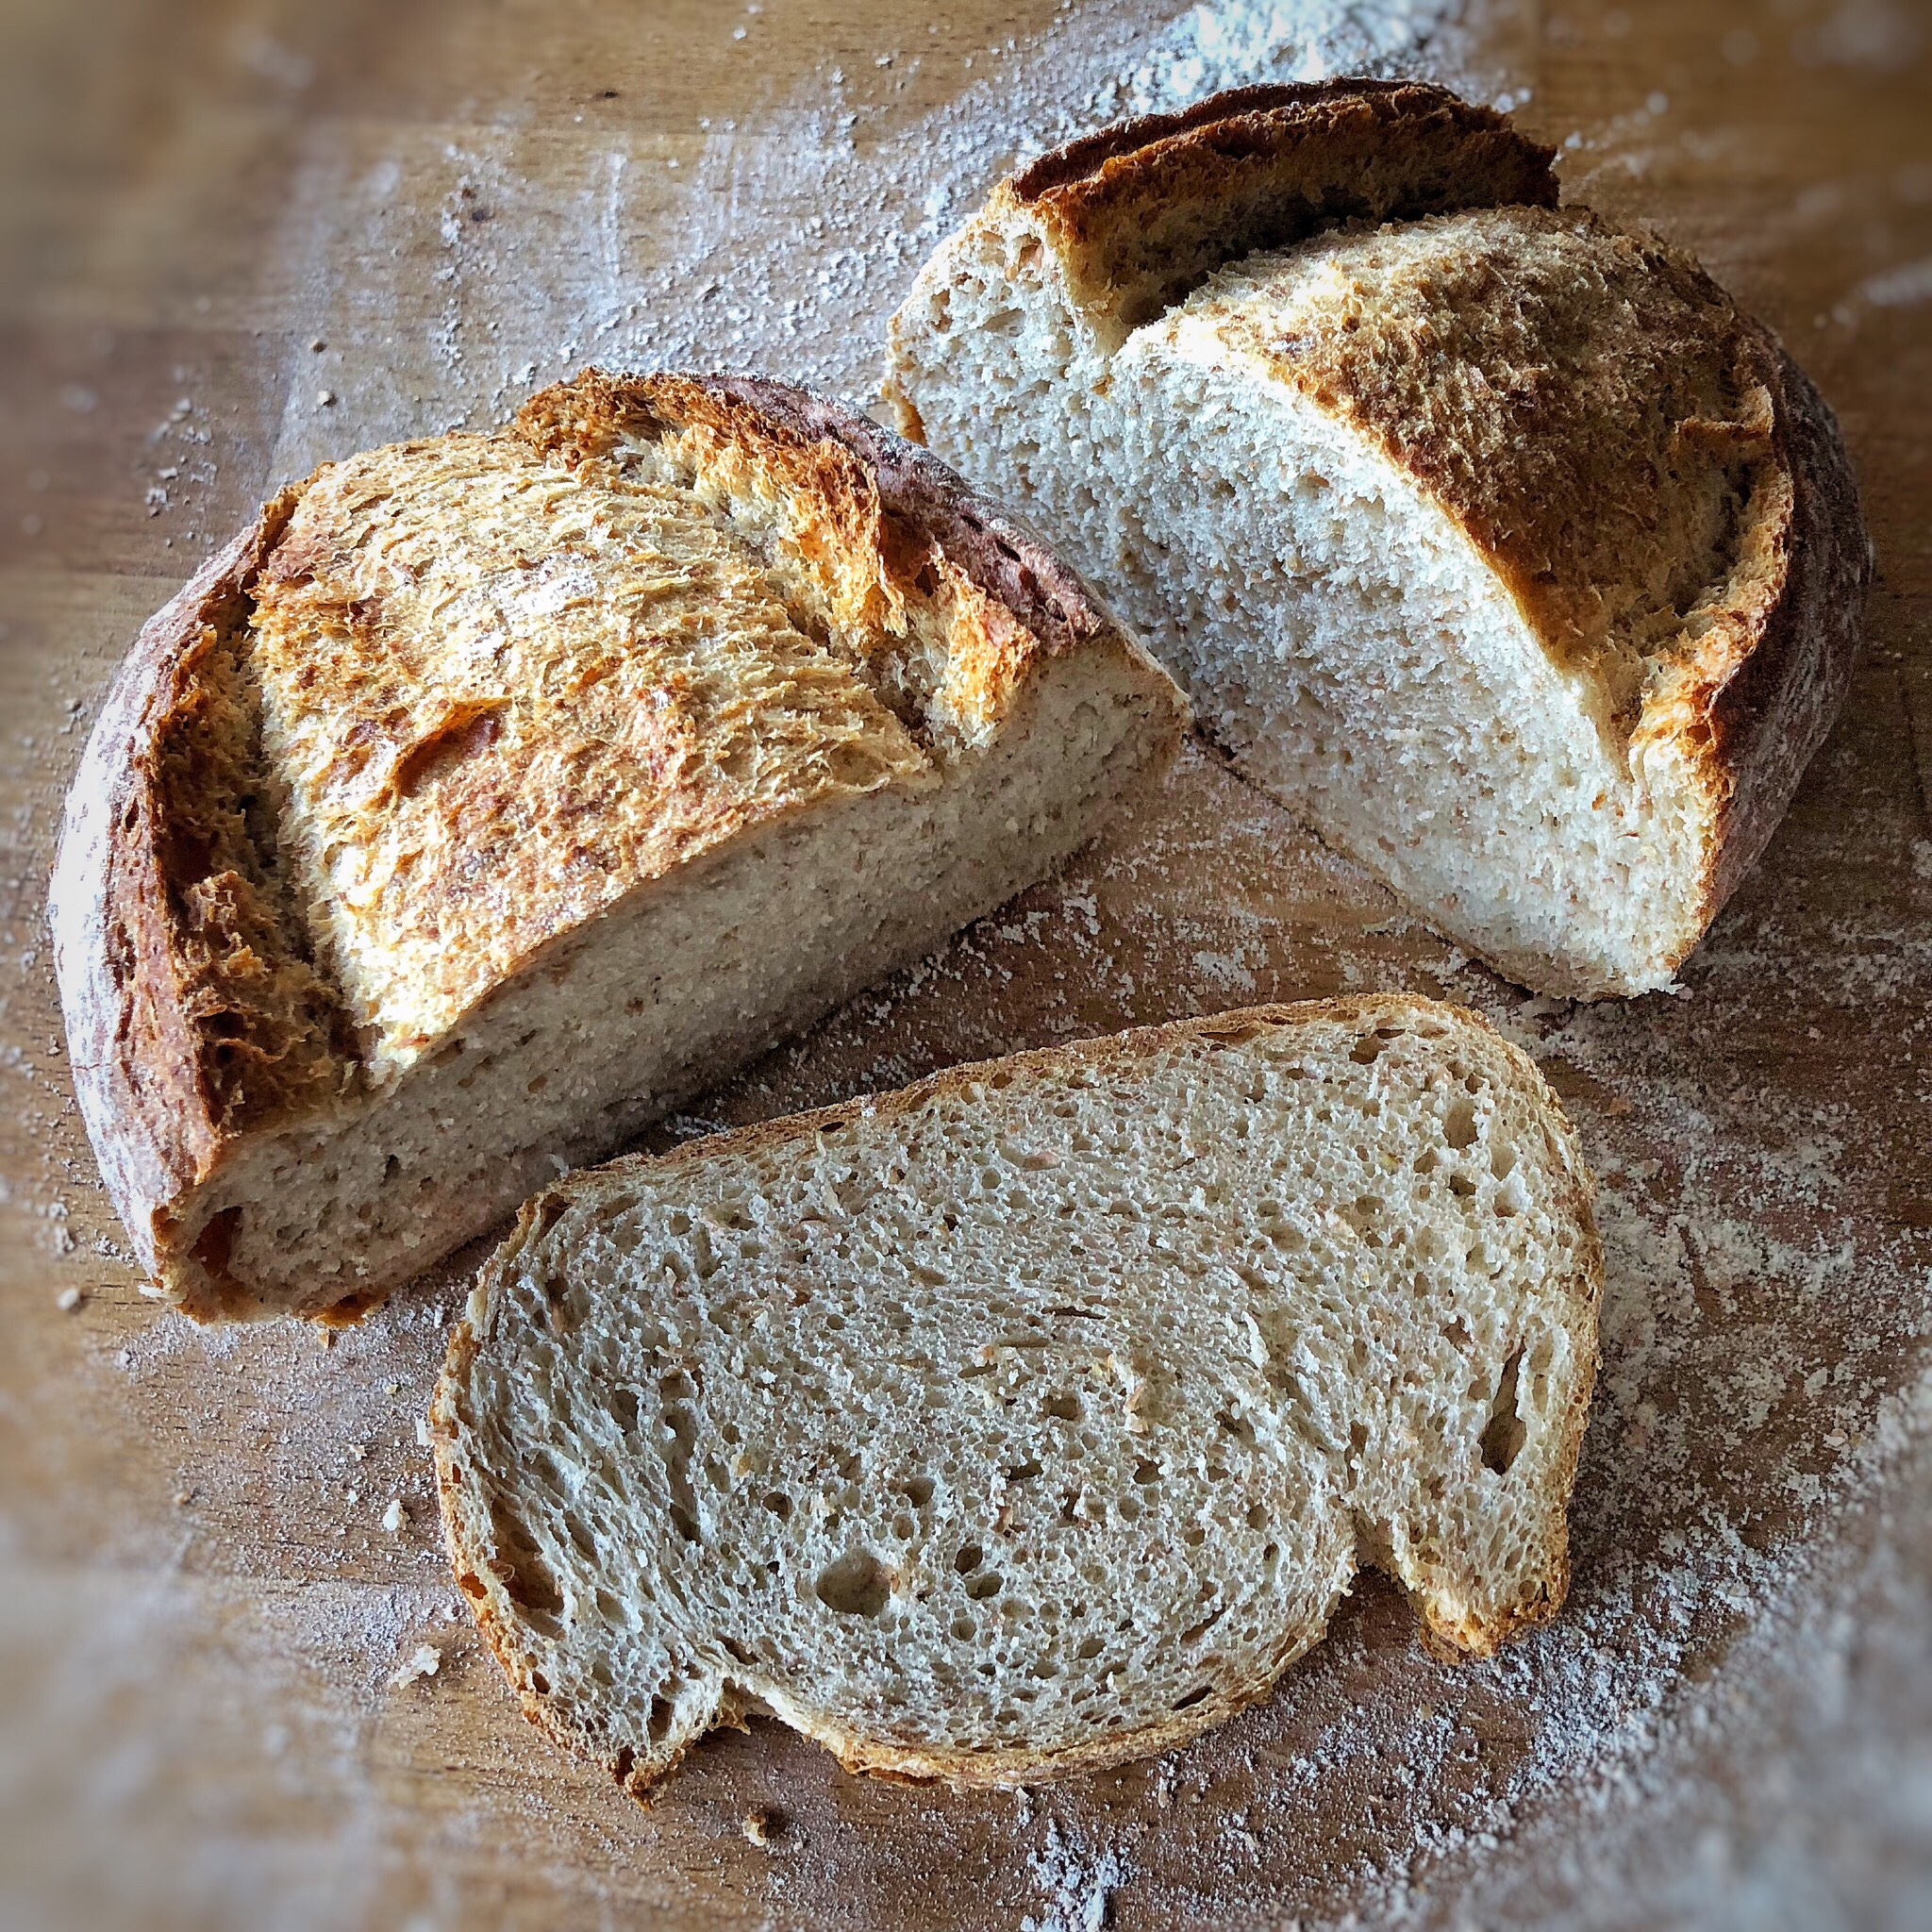 Filone di pane integrale